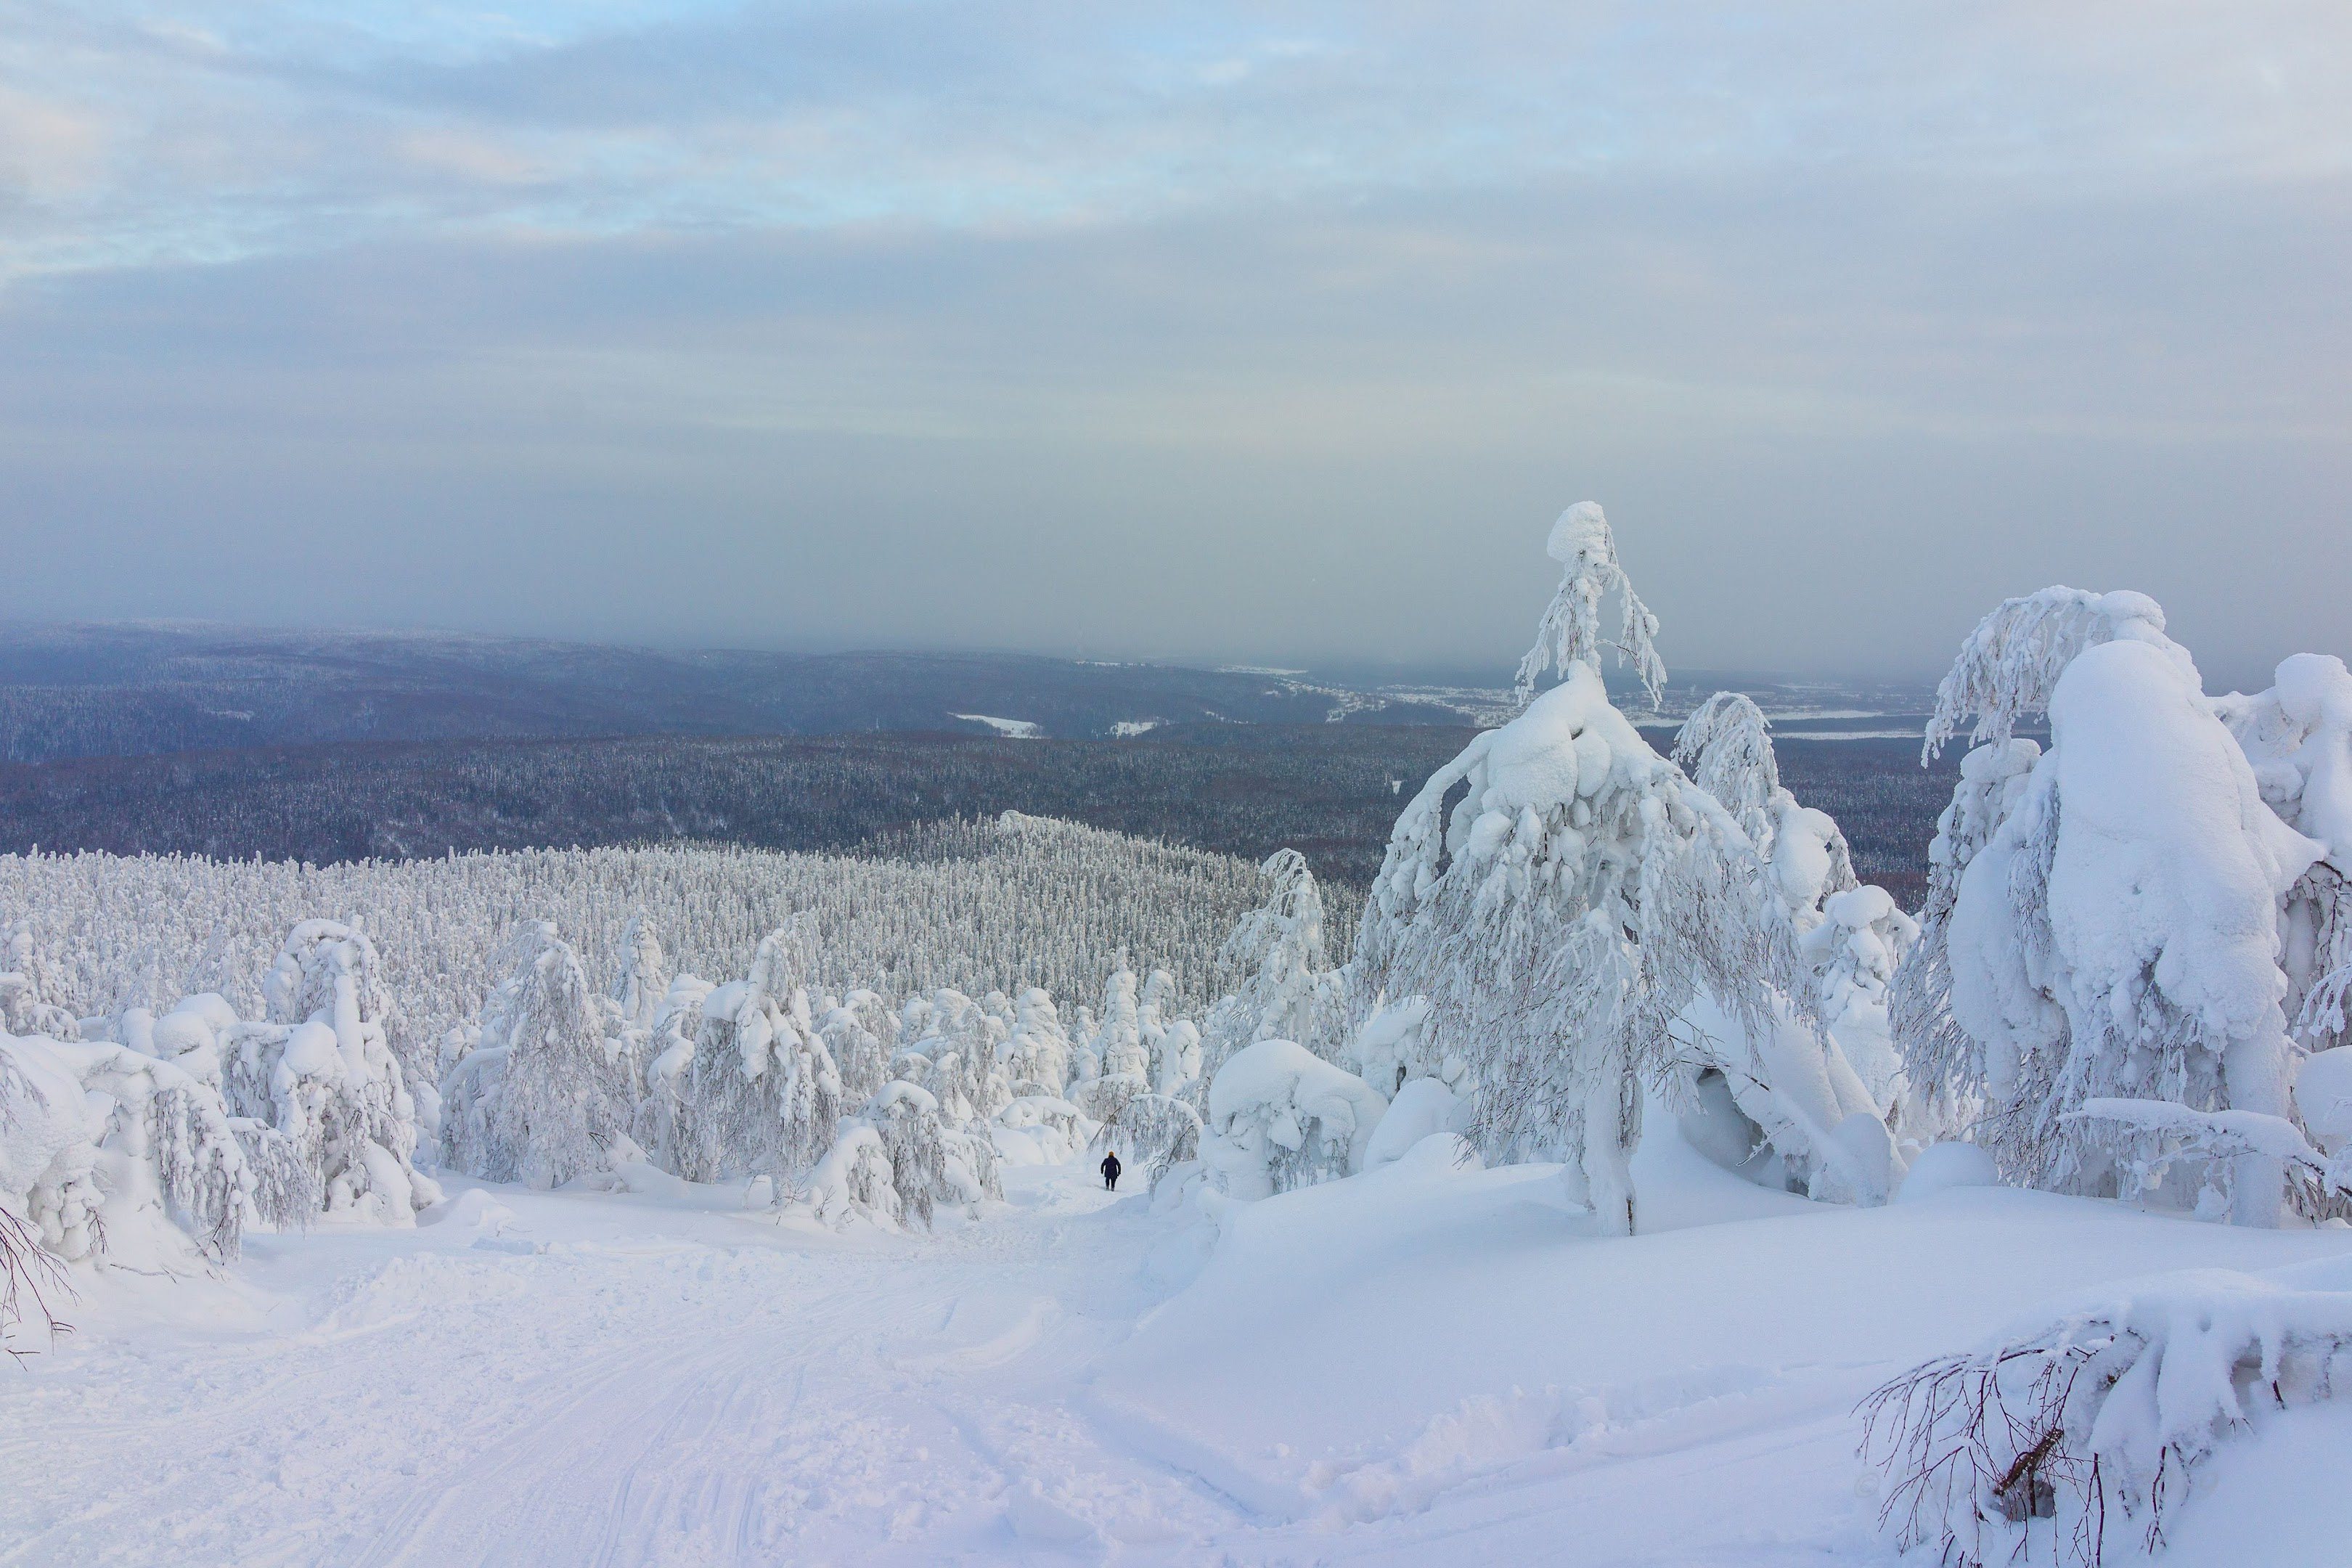 Вид с горы на восточную сторону, сторону Уральских гор. Виден Красновишерск.